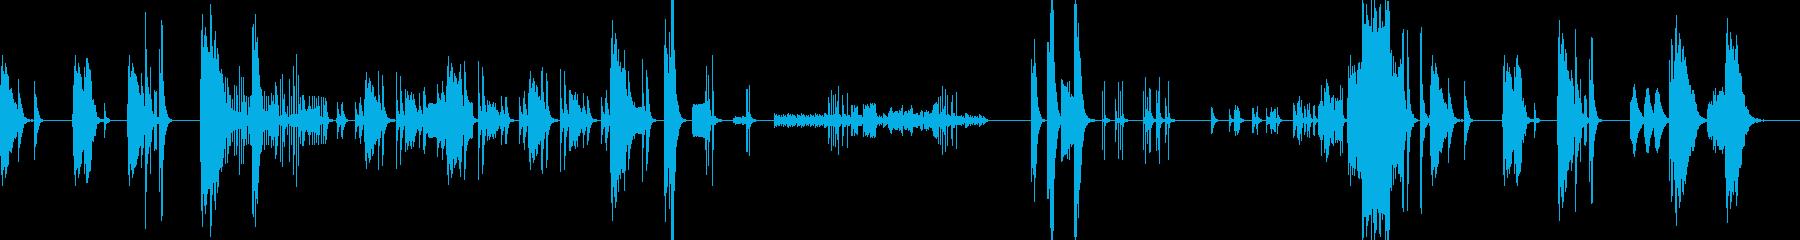 打楽器と弦楽器をメインとしたアンサンブルの再生済みの波形